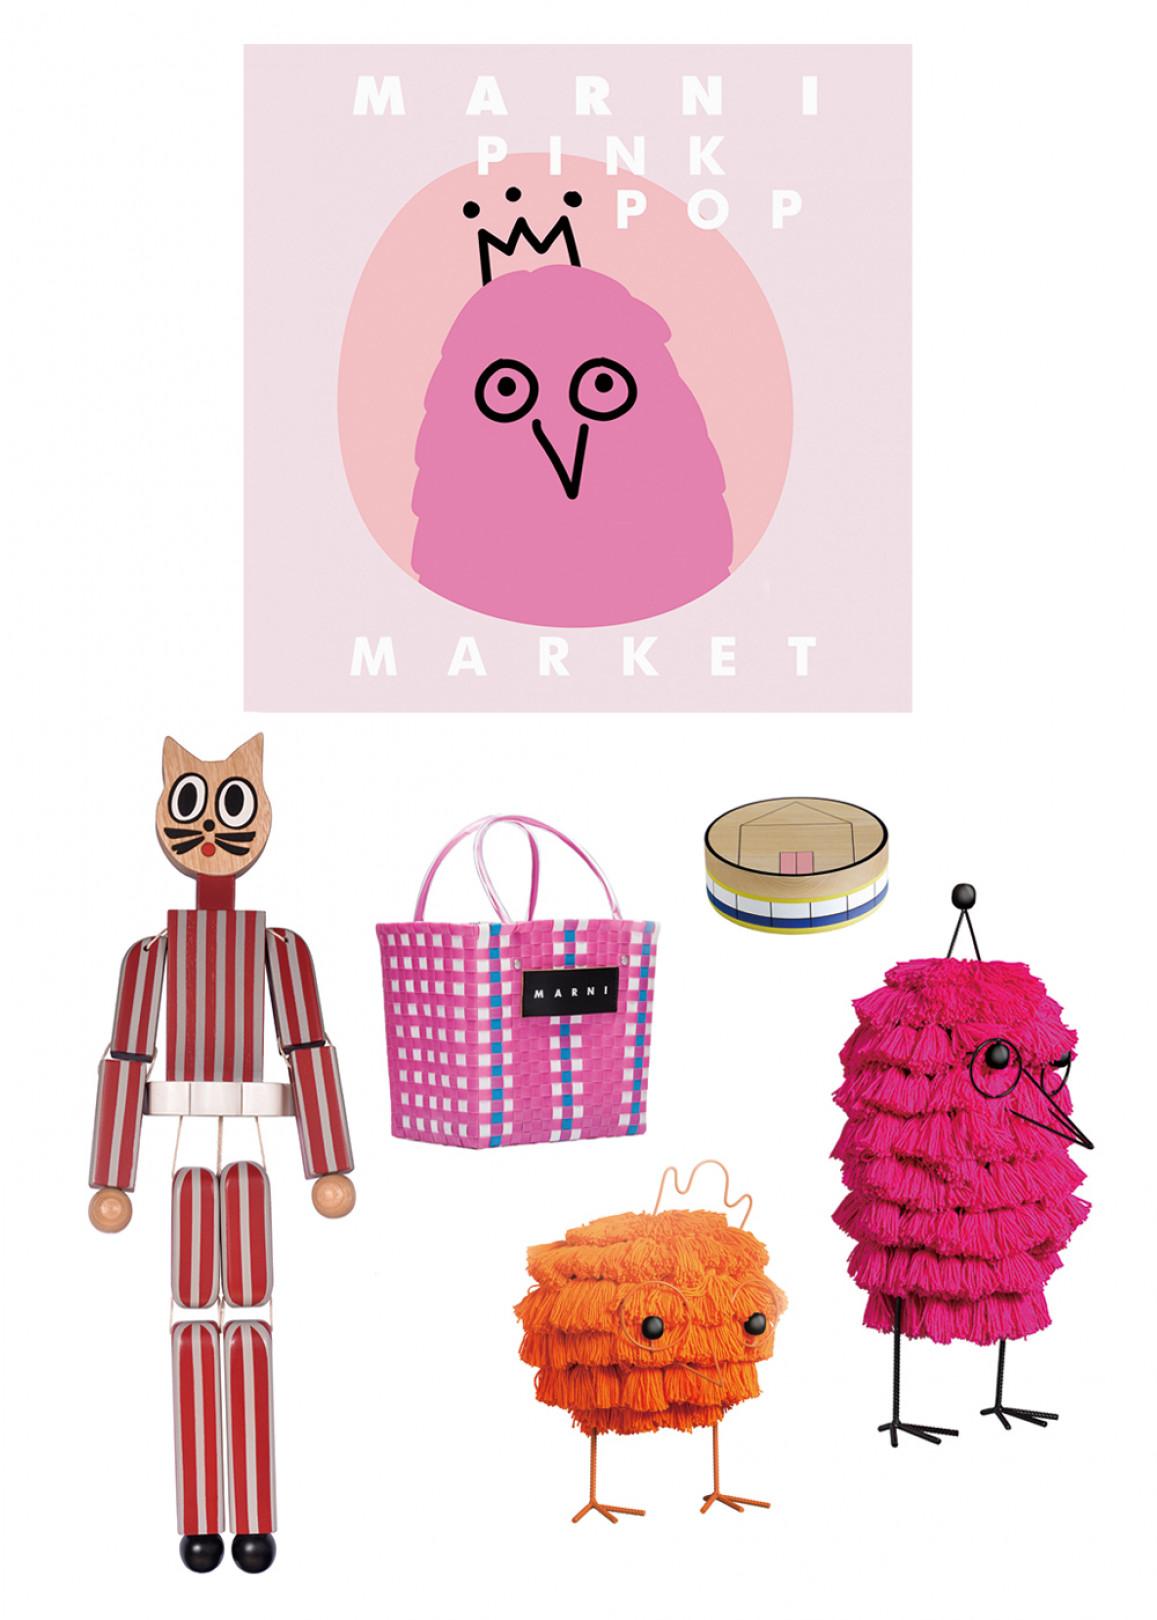 マルニのポップアップストア「マルニ ピンク ポップ マーケット」開催